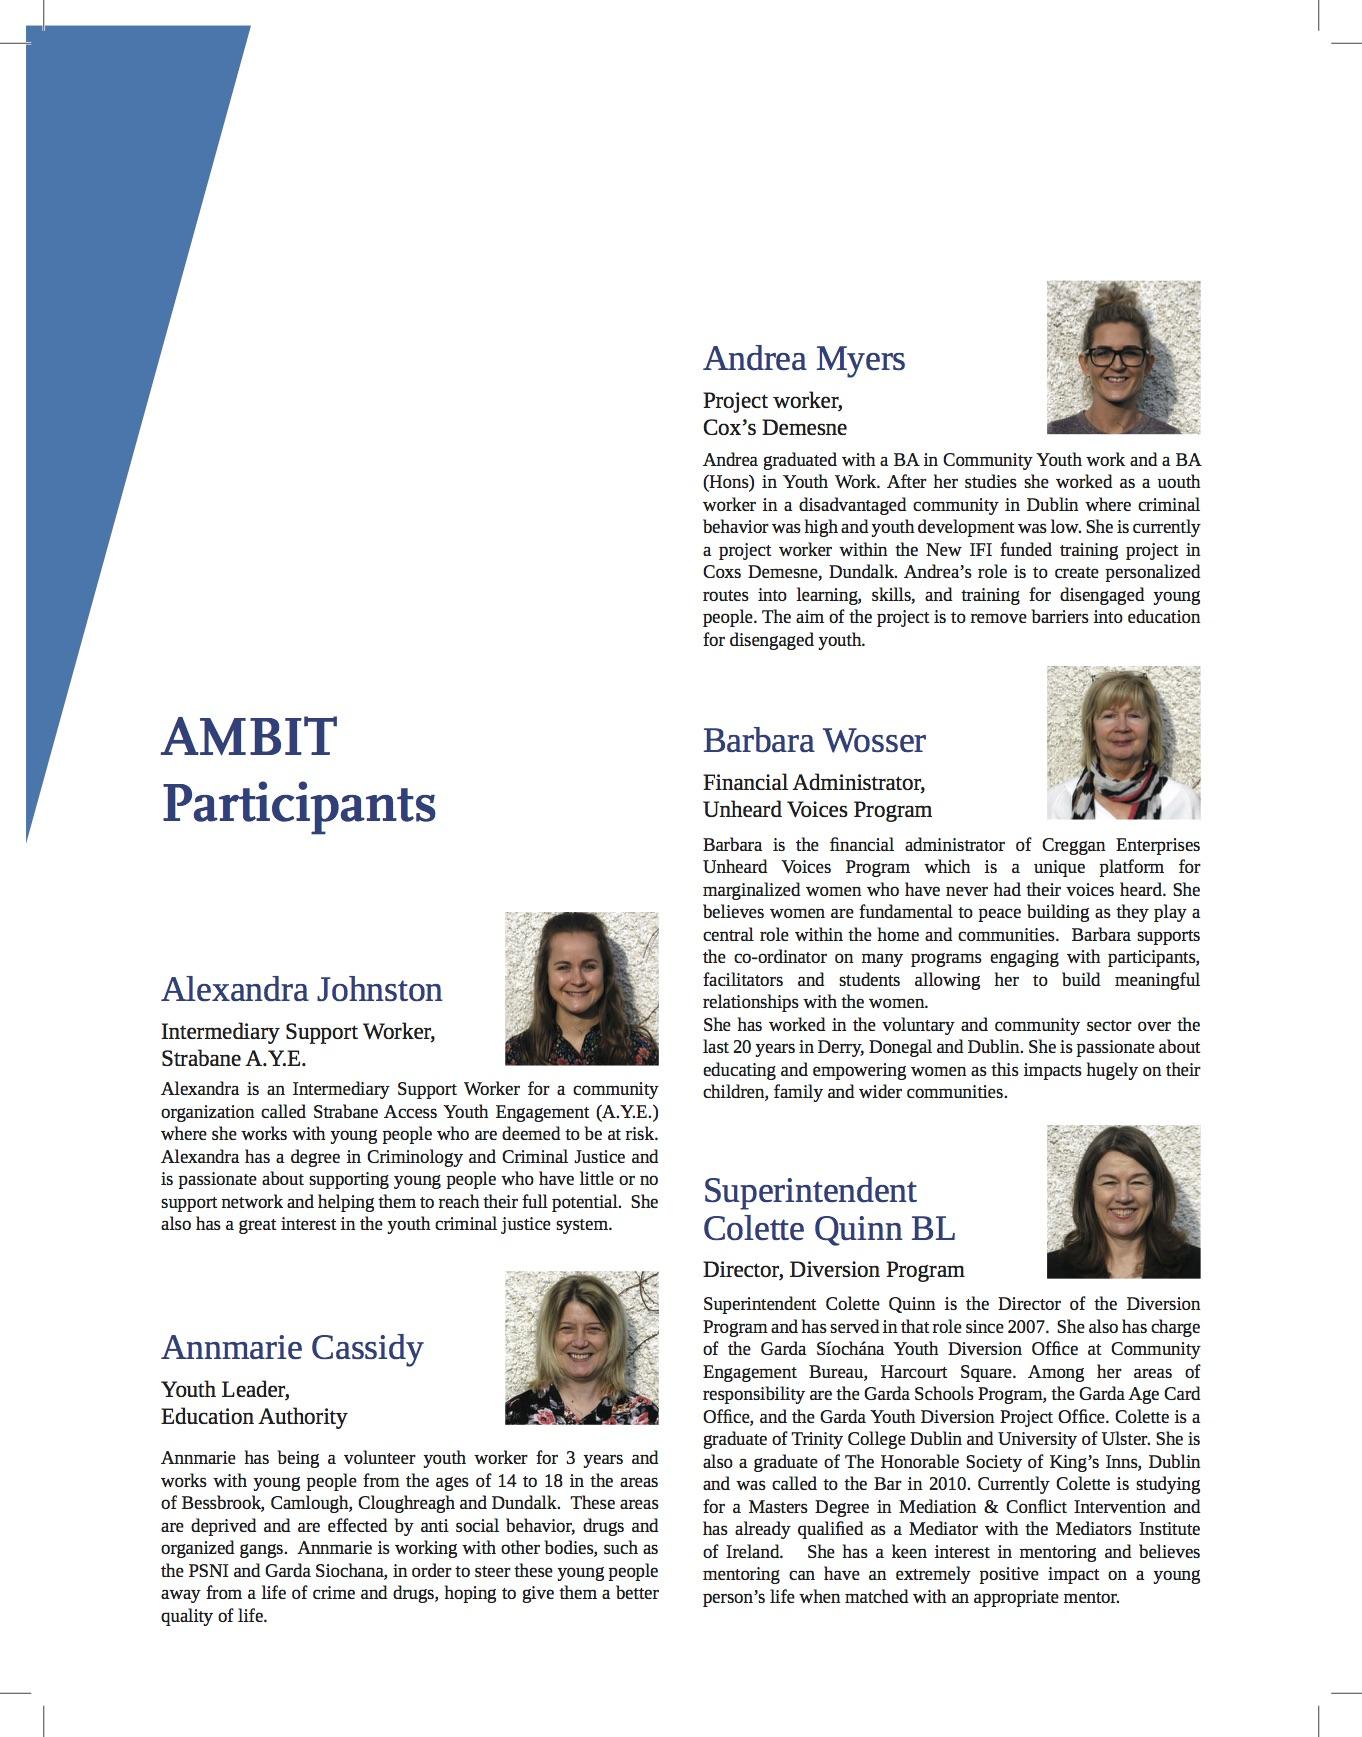 AMBIT 2017 Bios 4